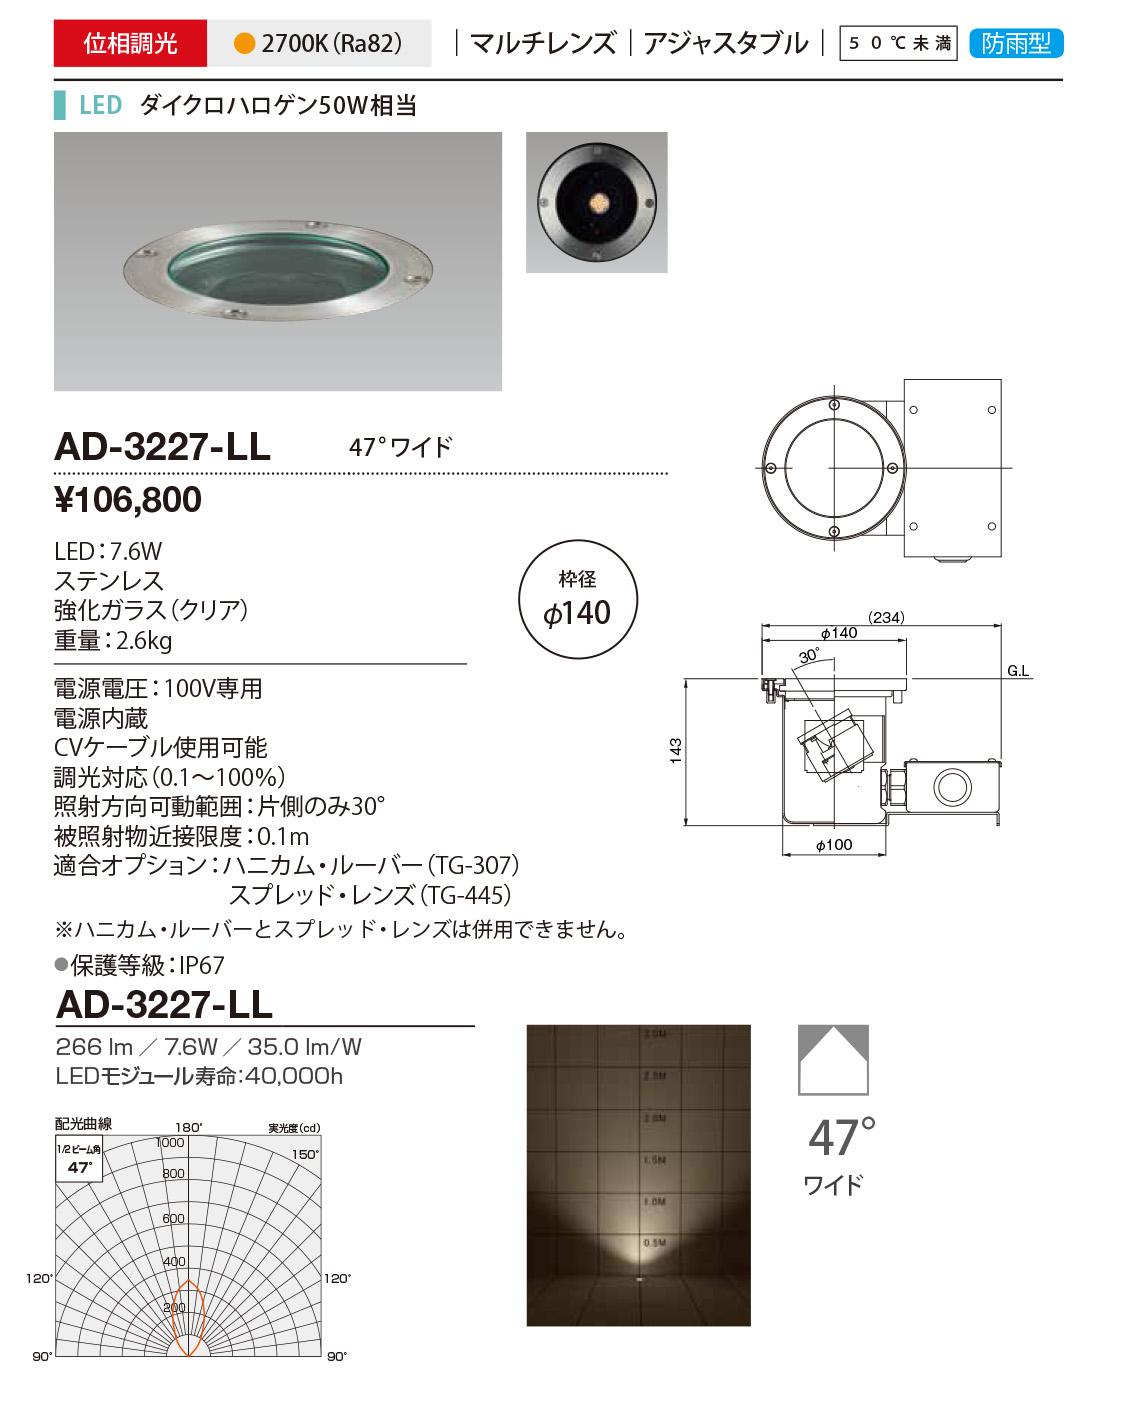 AD-3227-LL 山田照明 照明器具 エクステリア LED一体型バリードライト φ140 調光 マルチレンズ アジャスタブル 防雨型 ワイド ダイクロハロゲン50W相当 電球色 AD-3227-LL